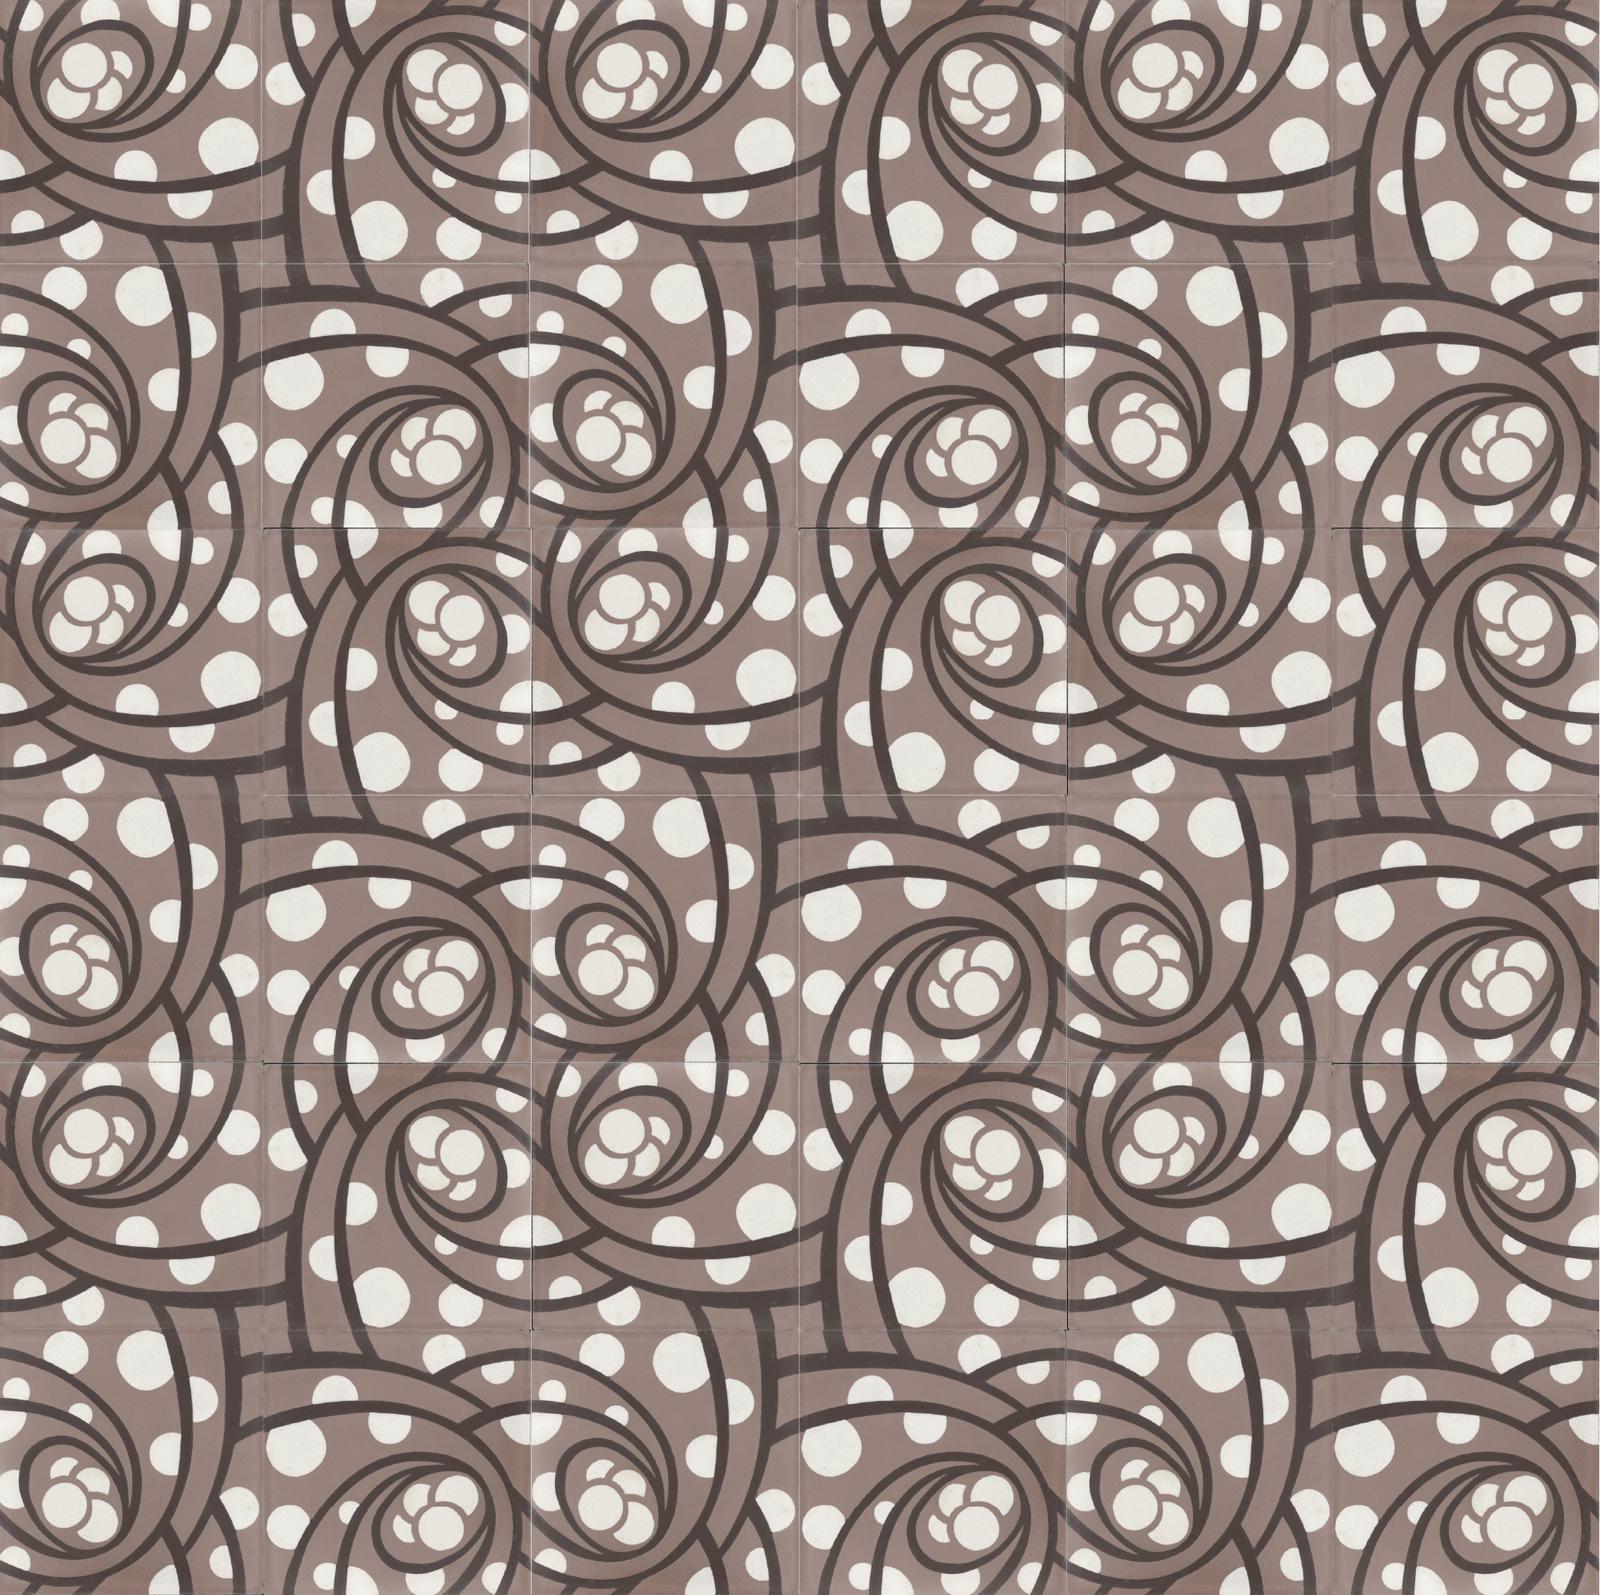 zementmosaikplatten-Verlegemuster-51132-8182-viaplatten | 51132-8182